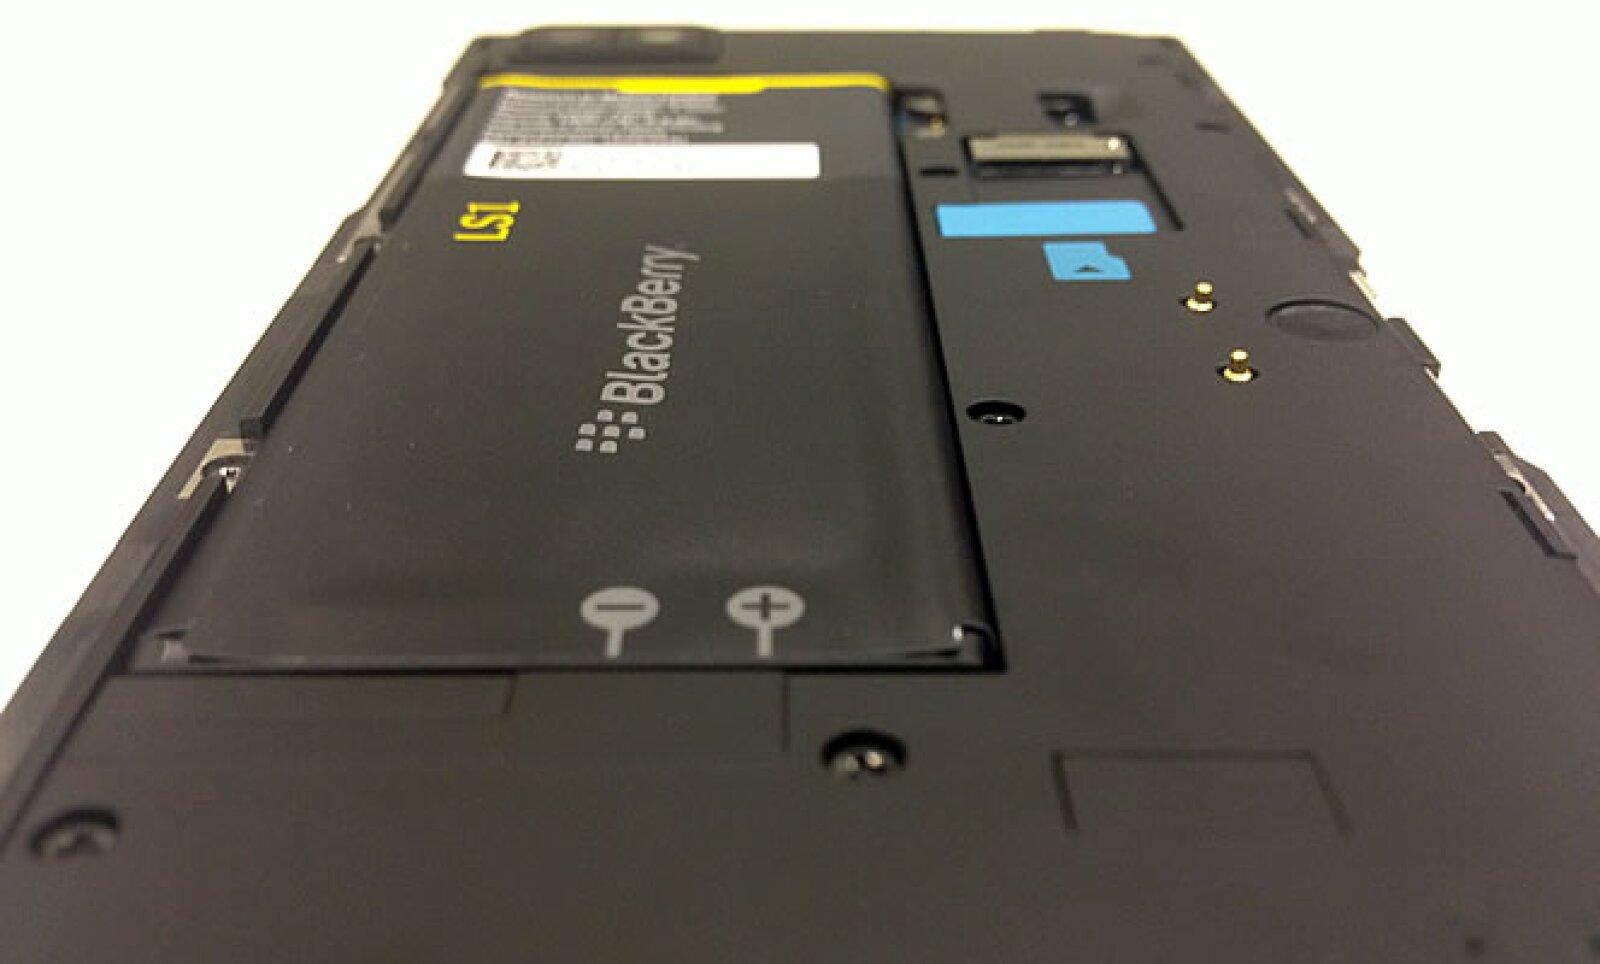 La duración de la batería, uno de los puntos fuertes de RIM, tampoco fue revelada.